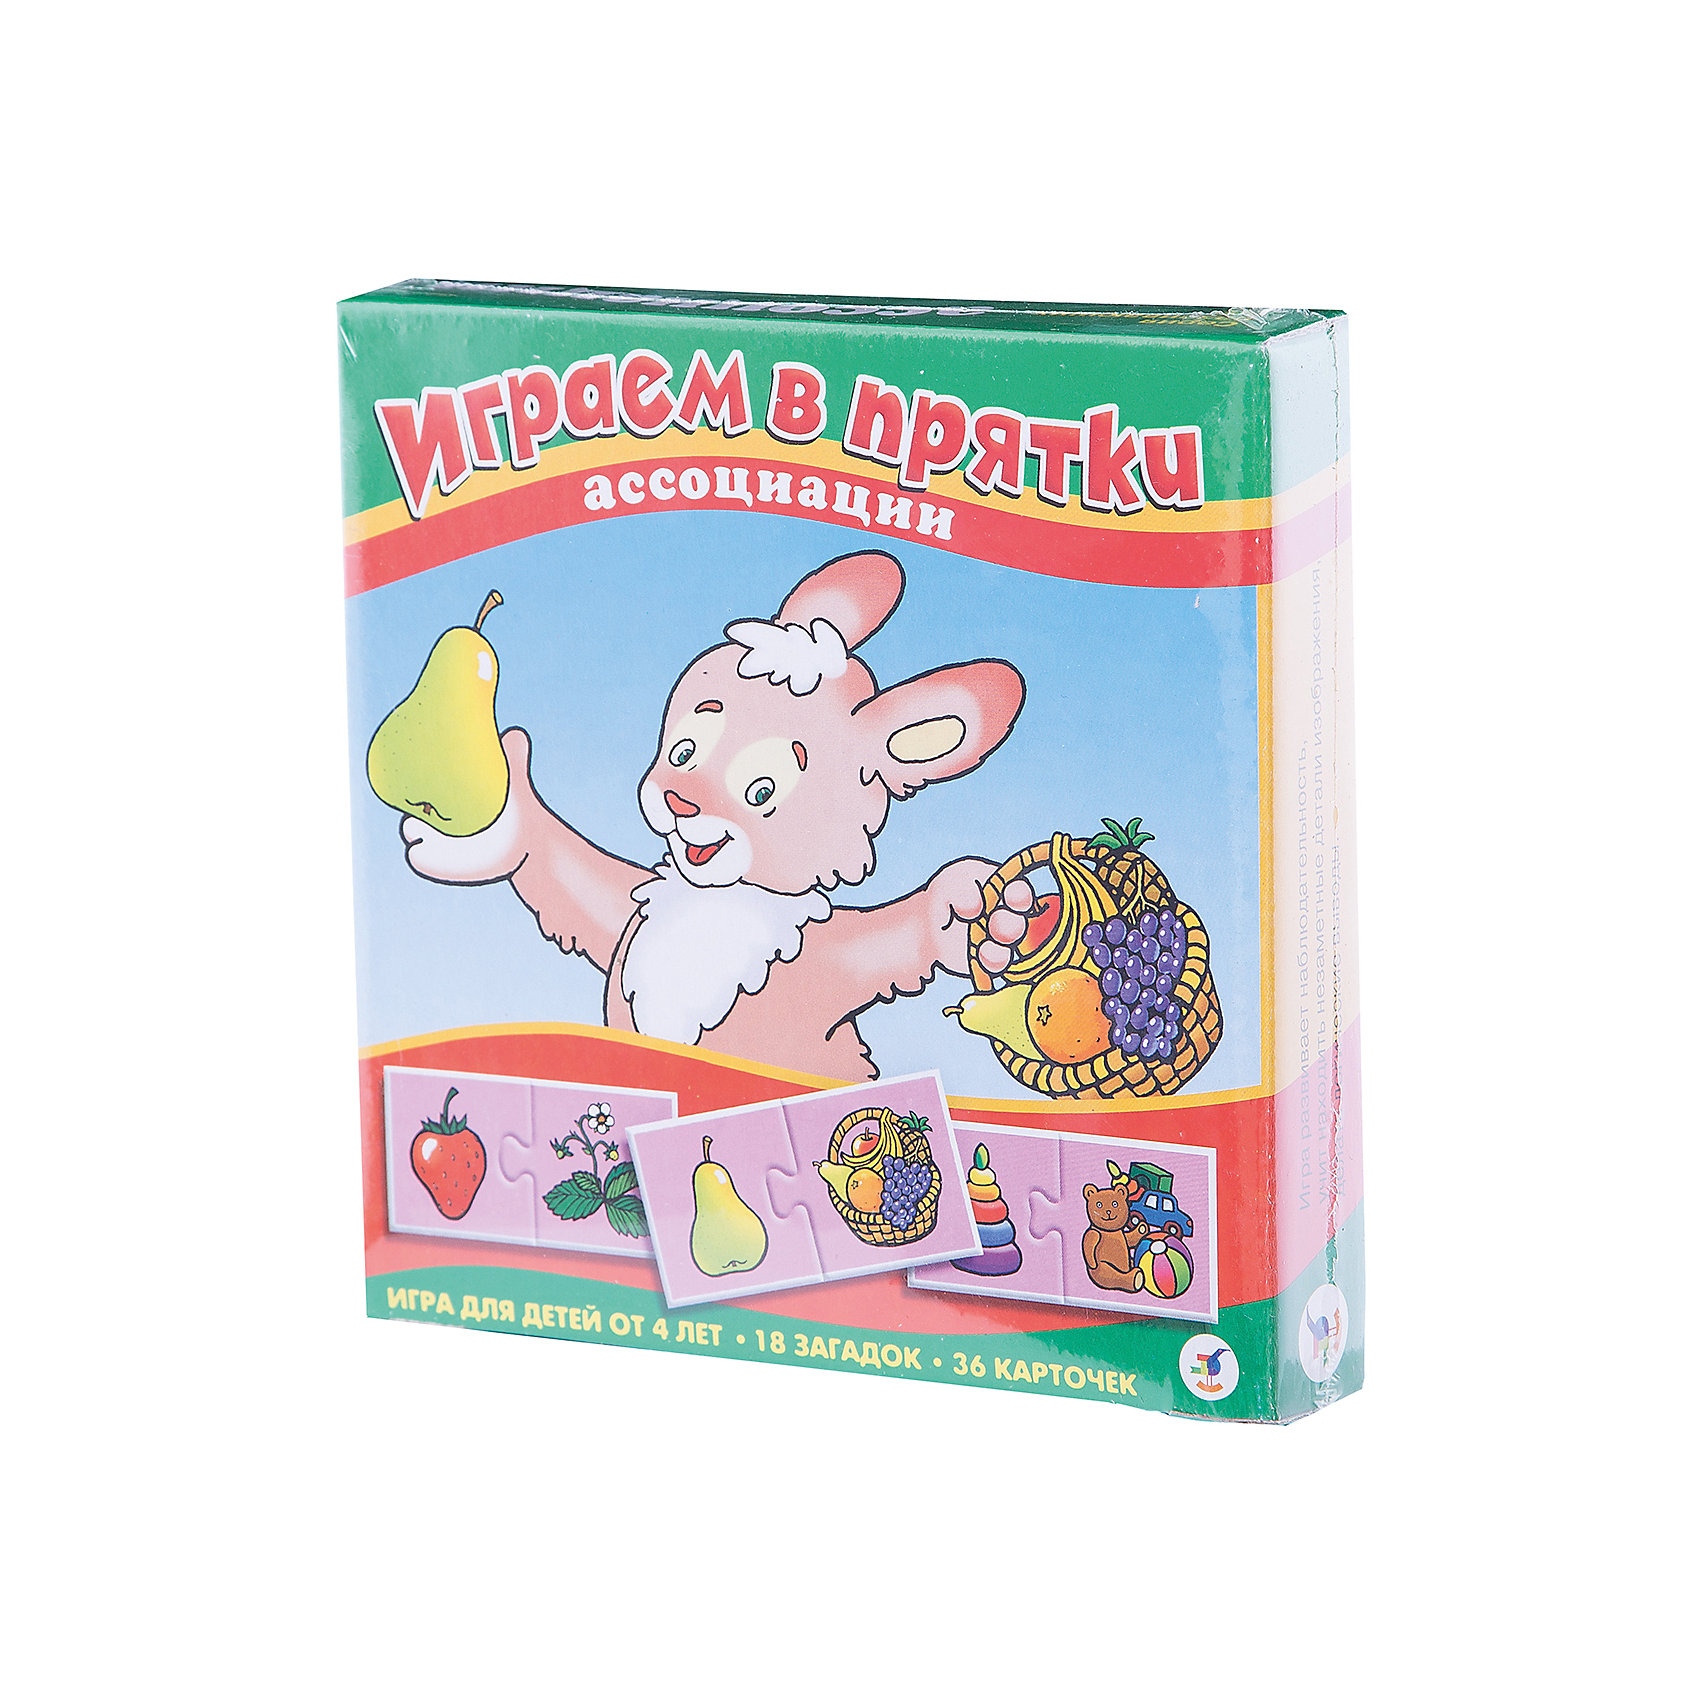 Ассоциации. Играем в прятки, Дрофа-МедиаАссоциации. Играем в прятки, Дрофа-Медиа - увлекательная красочная игра, которая станет отличным помощником в формировании ассоциативного мышления детей. В комплекте 30 карточек, которые скрепляются между собой по принципу пазла, на одной части карточек изображен какой-либо предмет, на другой - рисунок, содержащий данный предмет. Малышу предлагается найти и соединить вместе картинку и спрятавшийся на ней предмет. Игра развивает наблюдательность, учит находить незаметные детали изображения, делать логические выводы. Для детей от 4 лет.<br><br>Дополнительная информация:<br><br>- Серия: Ассоциации.<br>- В комплекте: 30 карточек (15 загадок), инструкция.<br>- Материал: бумага. картон.<br>- Размер упаковки: 16,5 x 16,5 x 3 см.<br>- Вес: 136 гр.<br><br>Игру Ассоциации. Играем в прятки, Дрофа-Медиа, можно купить в нашем интернет-магазине.<br><br>Ширина мм: 165<br>Глубина мм: 165<br>Высота мм: 30<br>Вес г: 175<br>Возраст от месяцев: 48<br>Возраст до месяцев: 96<br>Пол: Унисекс<br>Возраст: Детский<br>SKU: 4533287